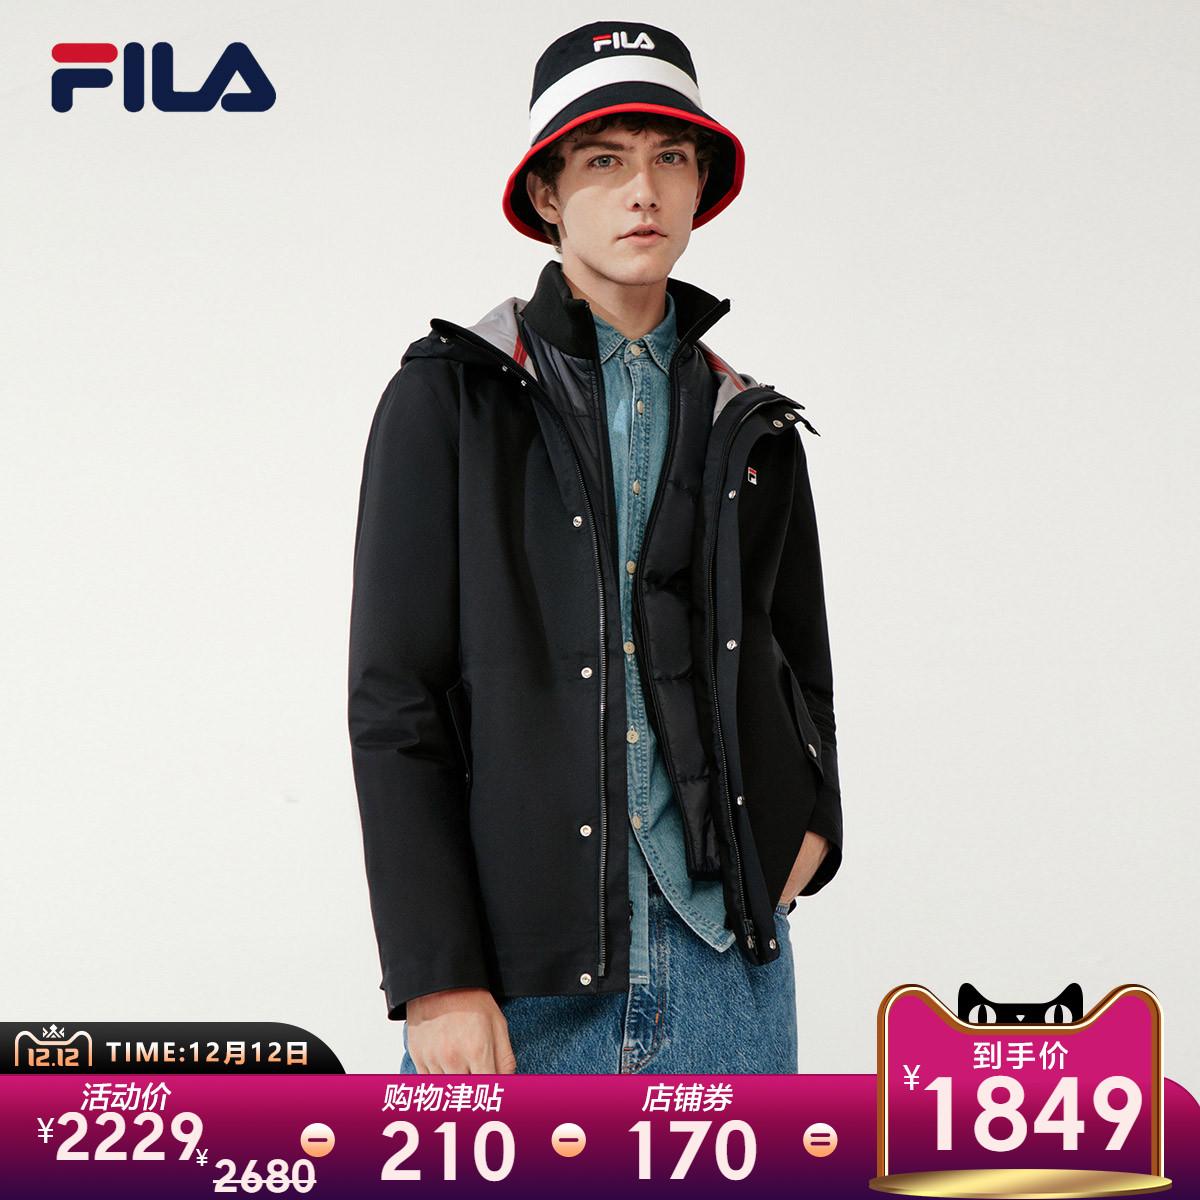 FILA 斐乐官方 男子外套 2020春季新款运动休闲梭织连帽两件套